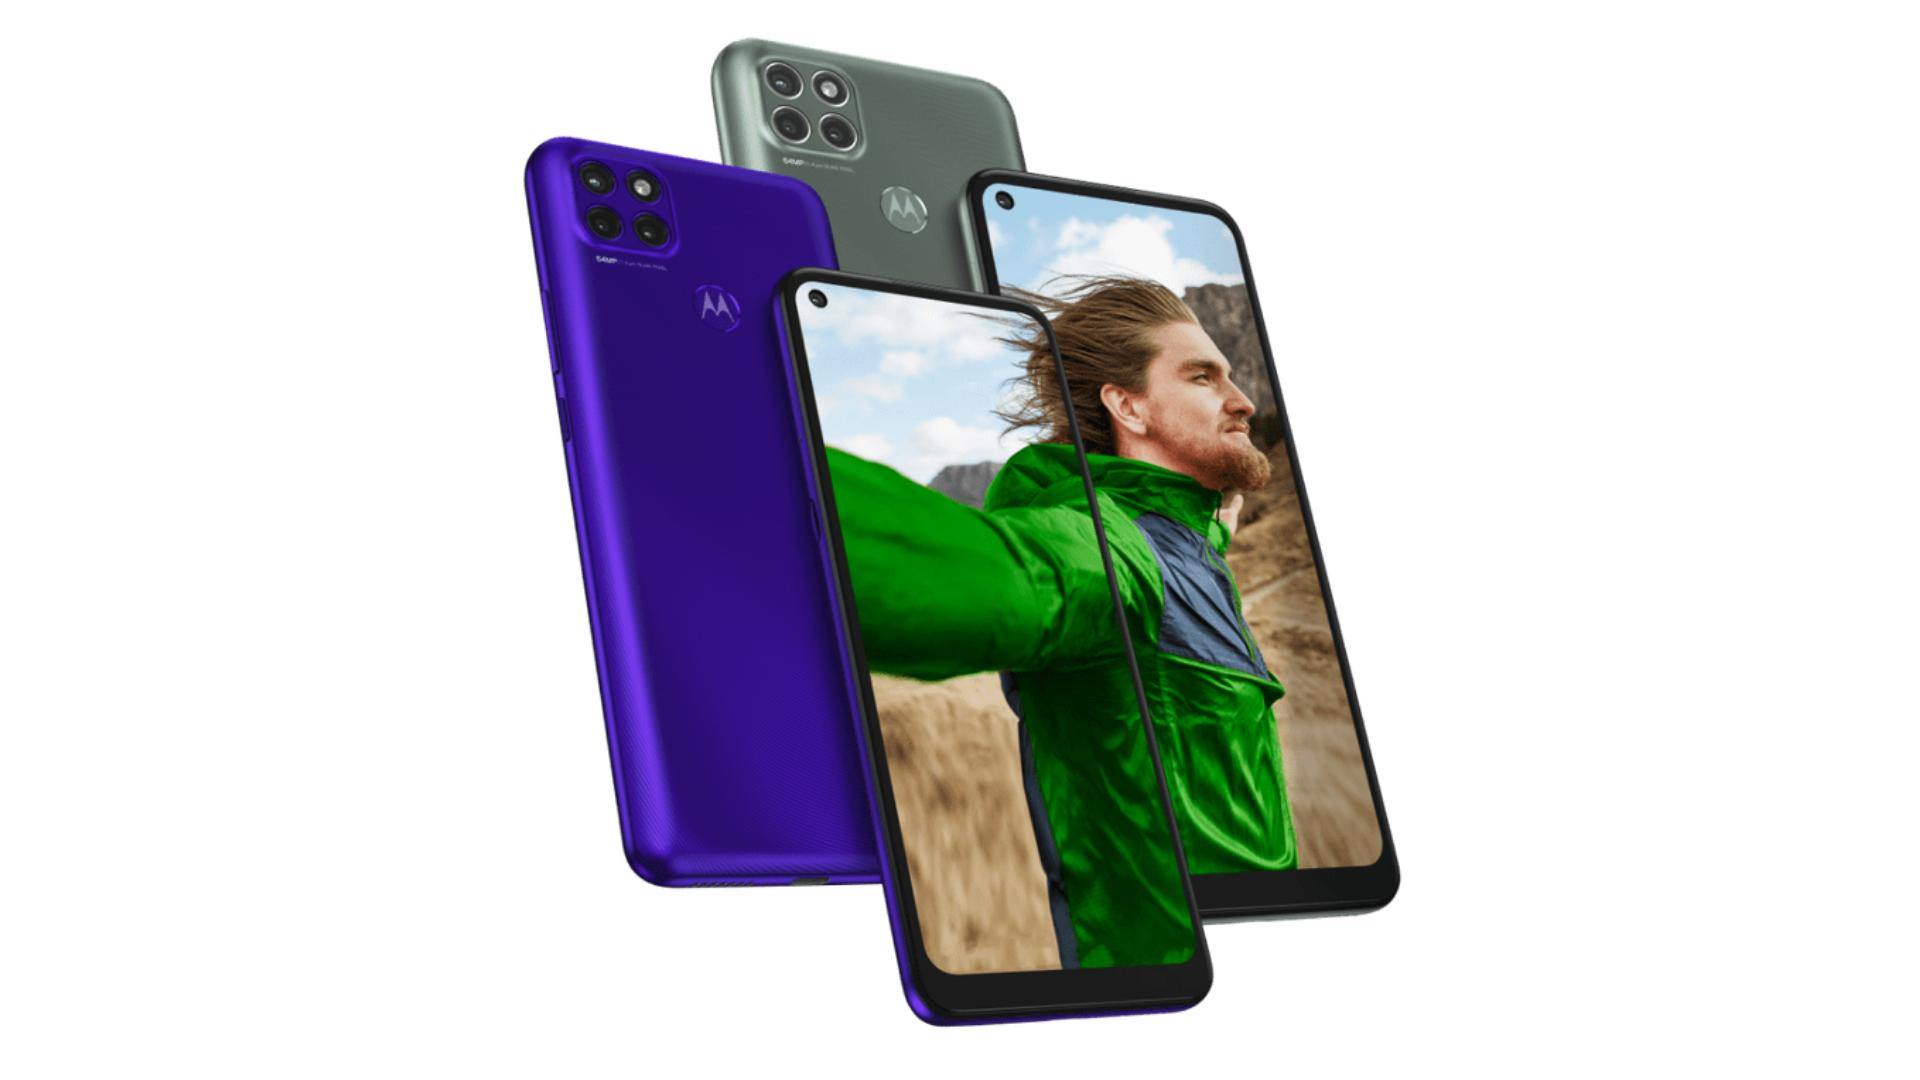 Moto G9 Plus e Moto G9 Power possuem 128GB, espaço suficiente para fotos, filmes, músicas, aplicativos e jogos. (Imagem: Moto G9 Power/Divulgação/ Motorola)